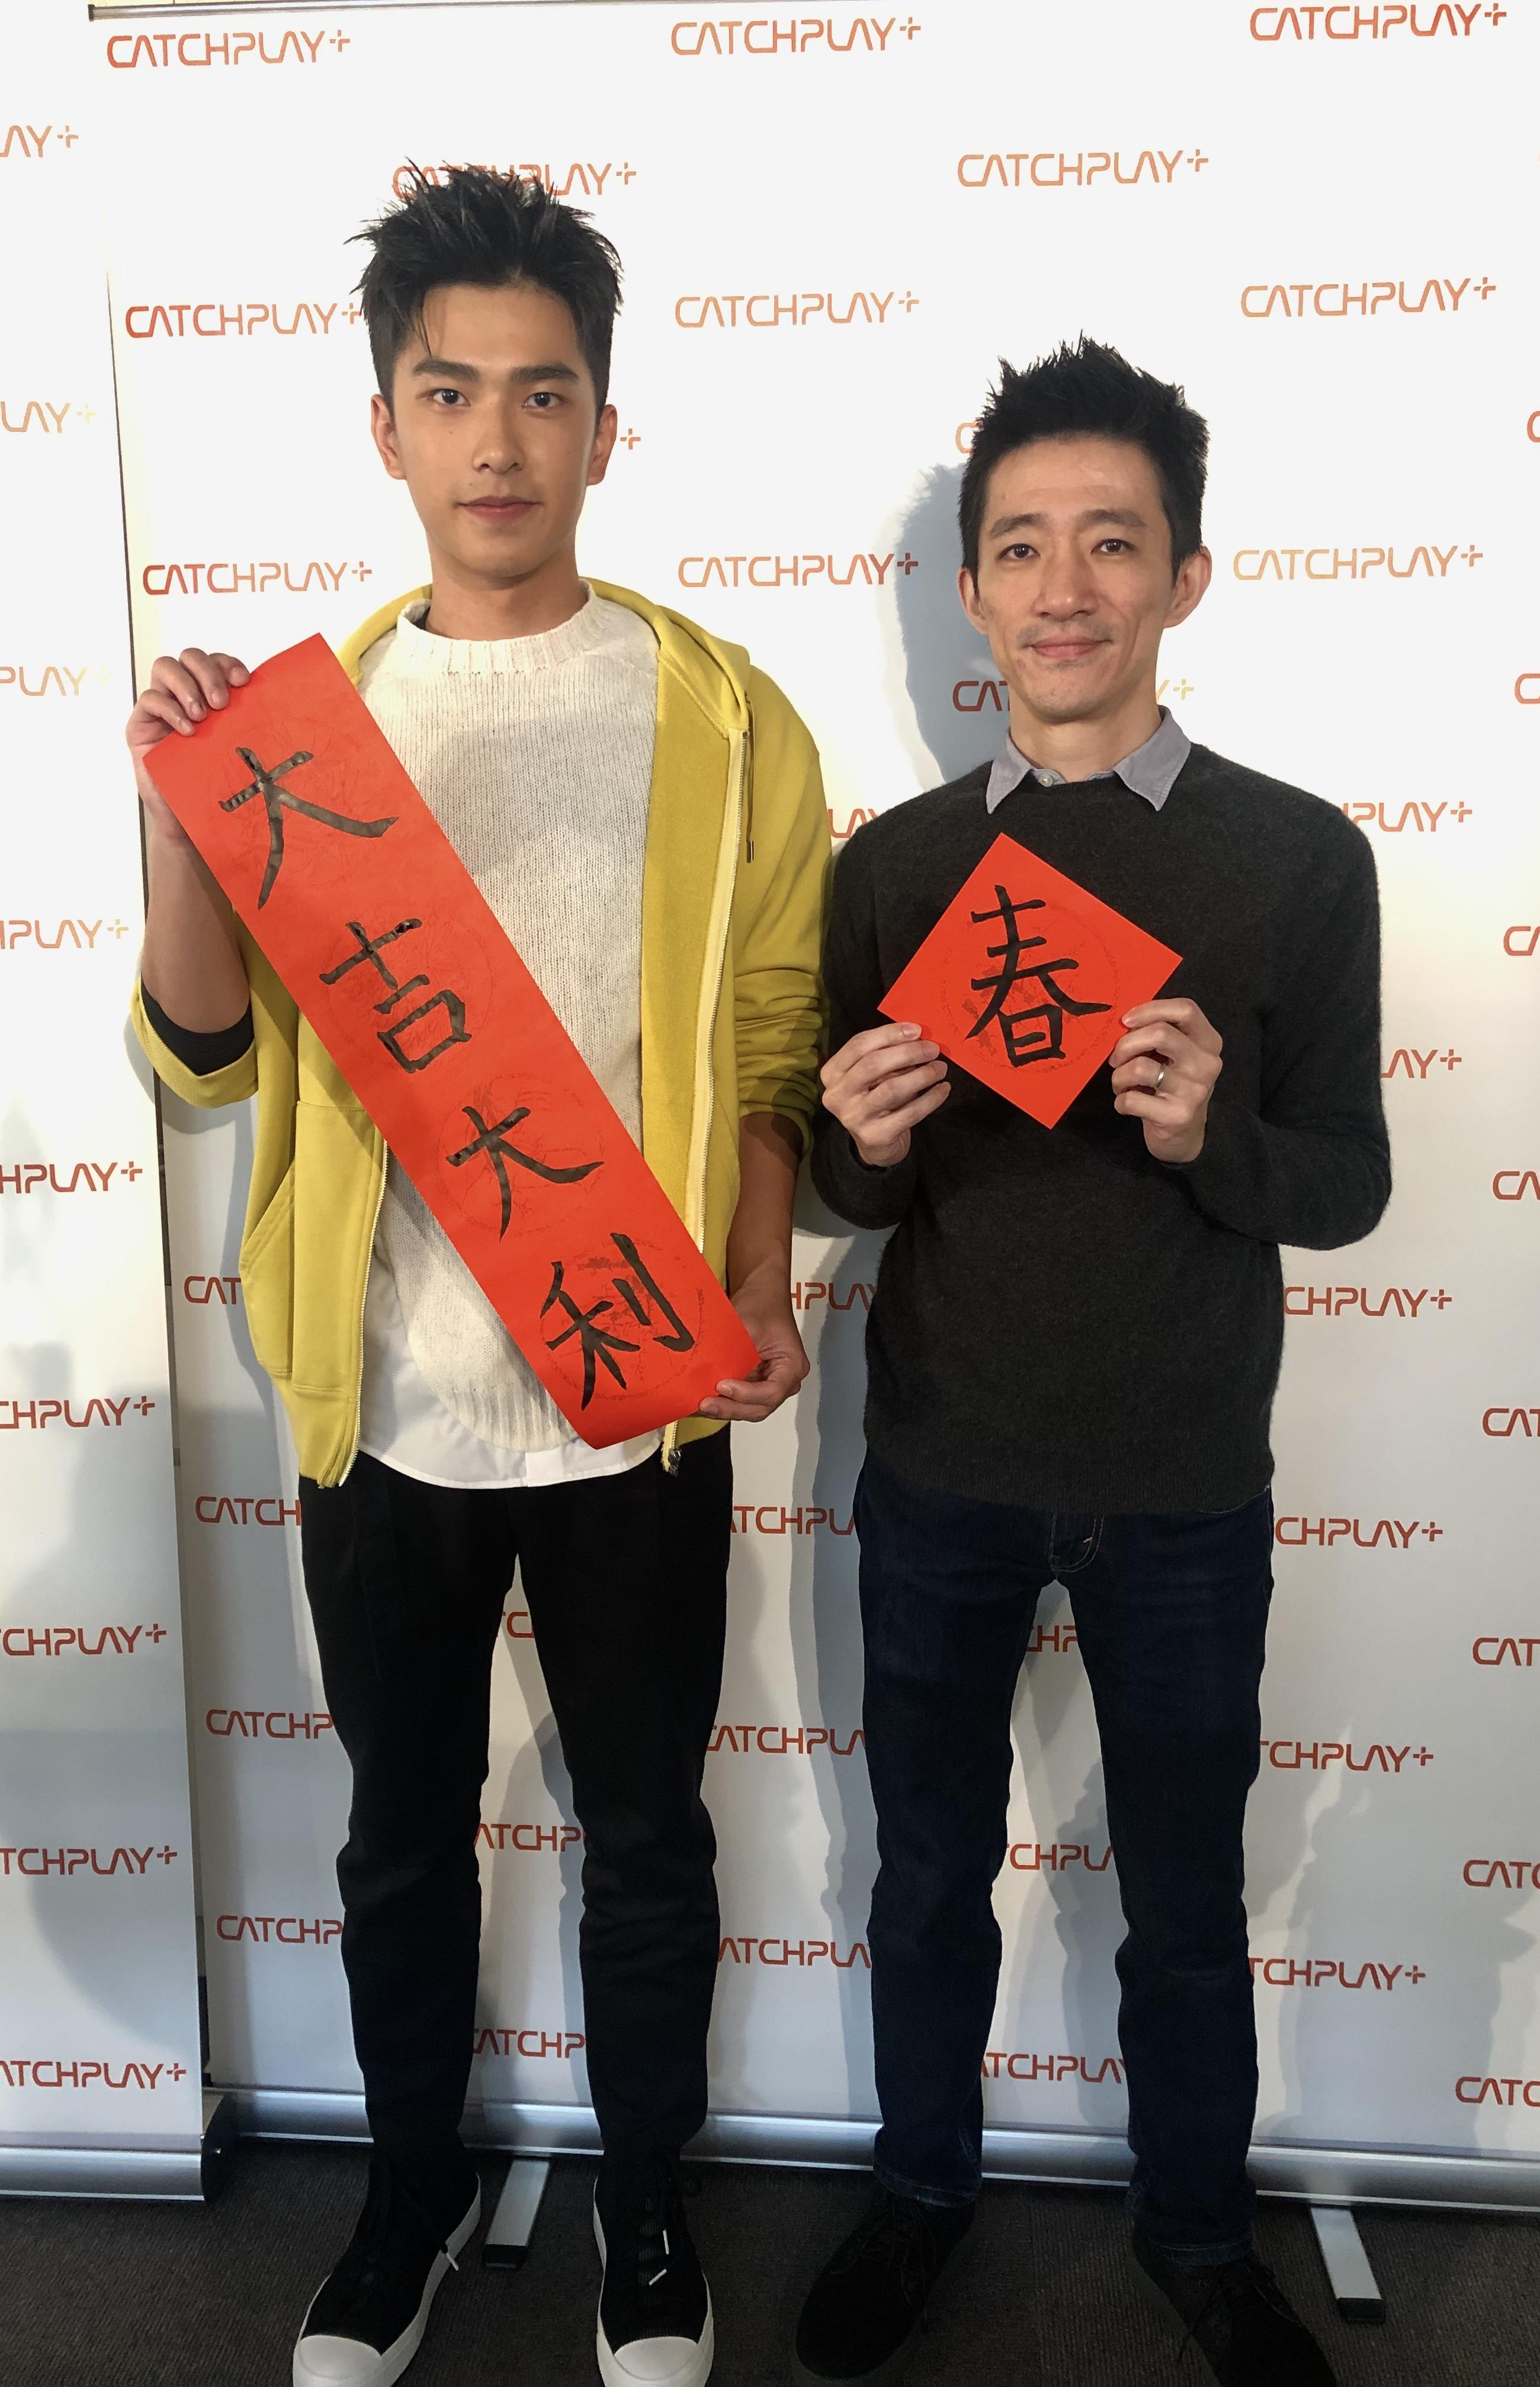 導演徐漢強與曾敬驊現身直播 親筆揮毫向觀眾拜早年